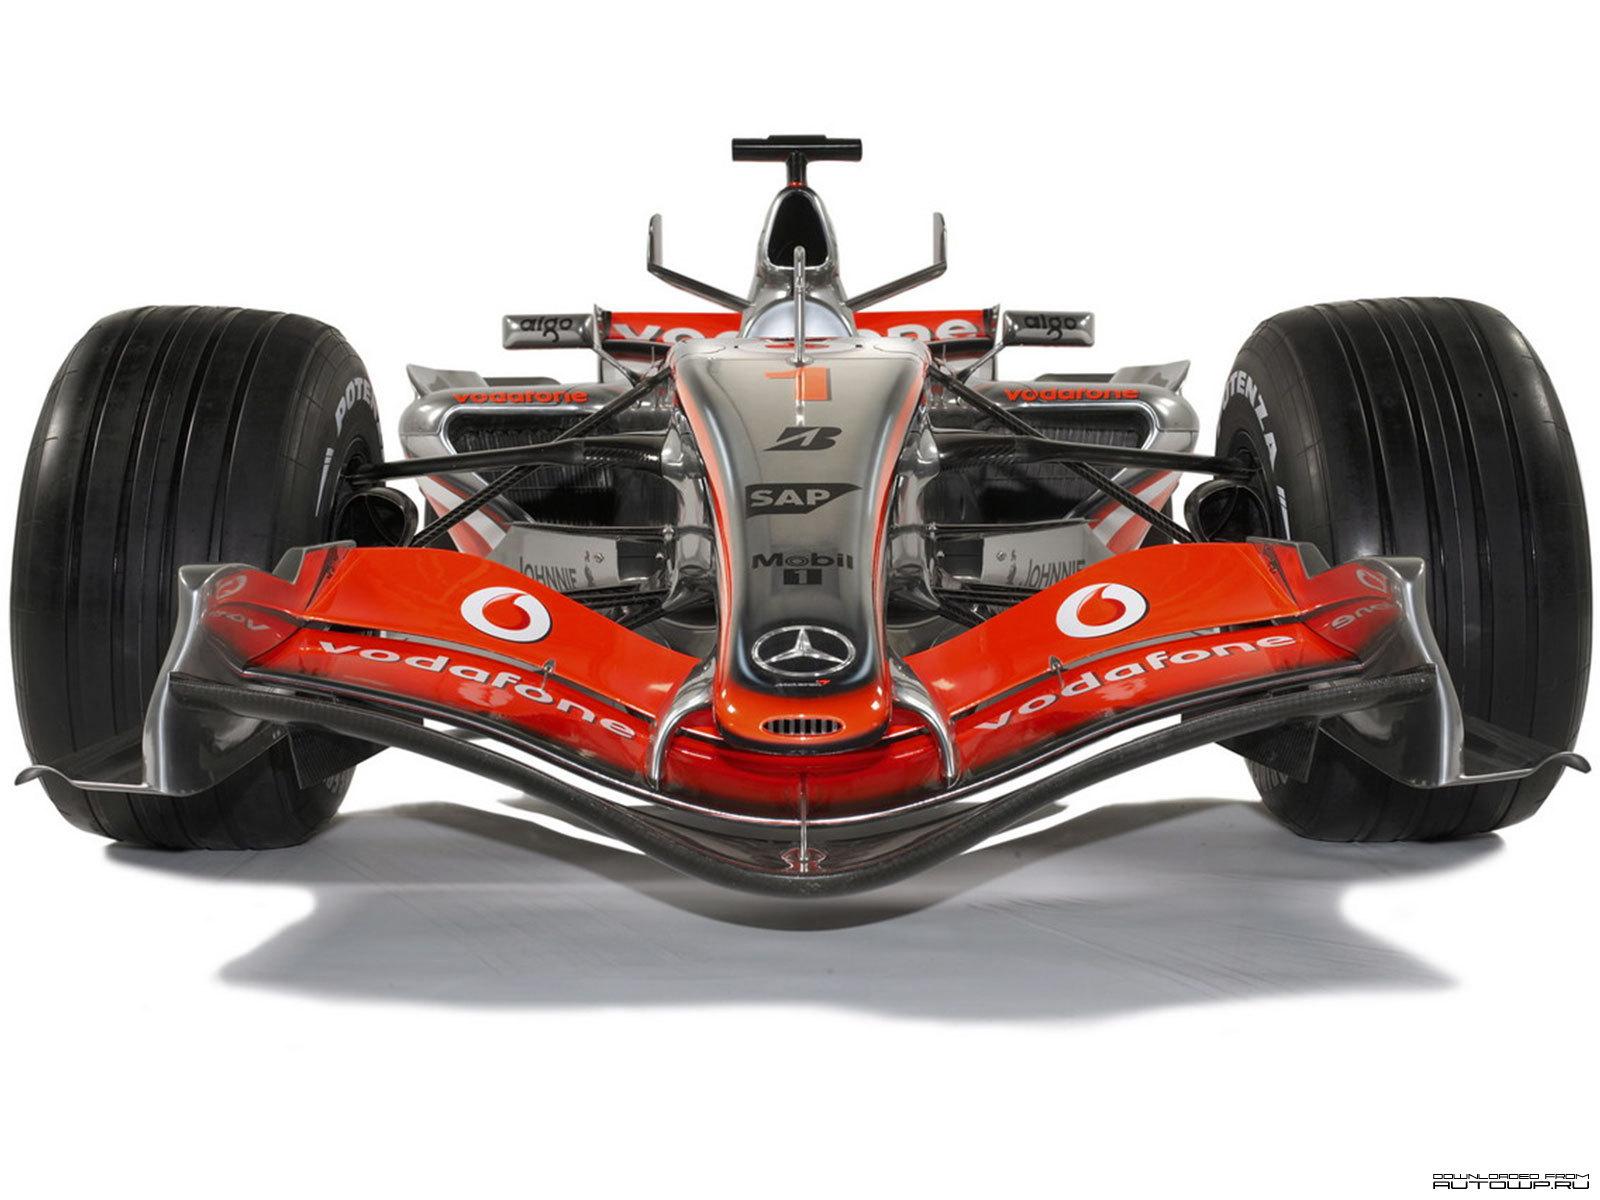 Формула 1, обои для рабочего стола, гонка , фото красиво